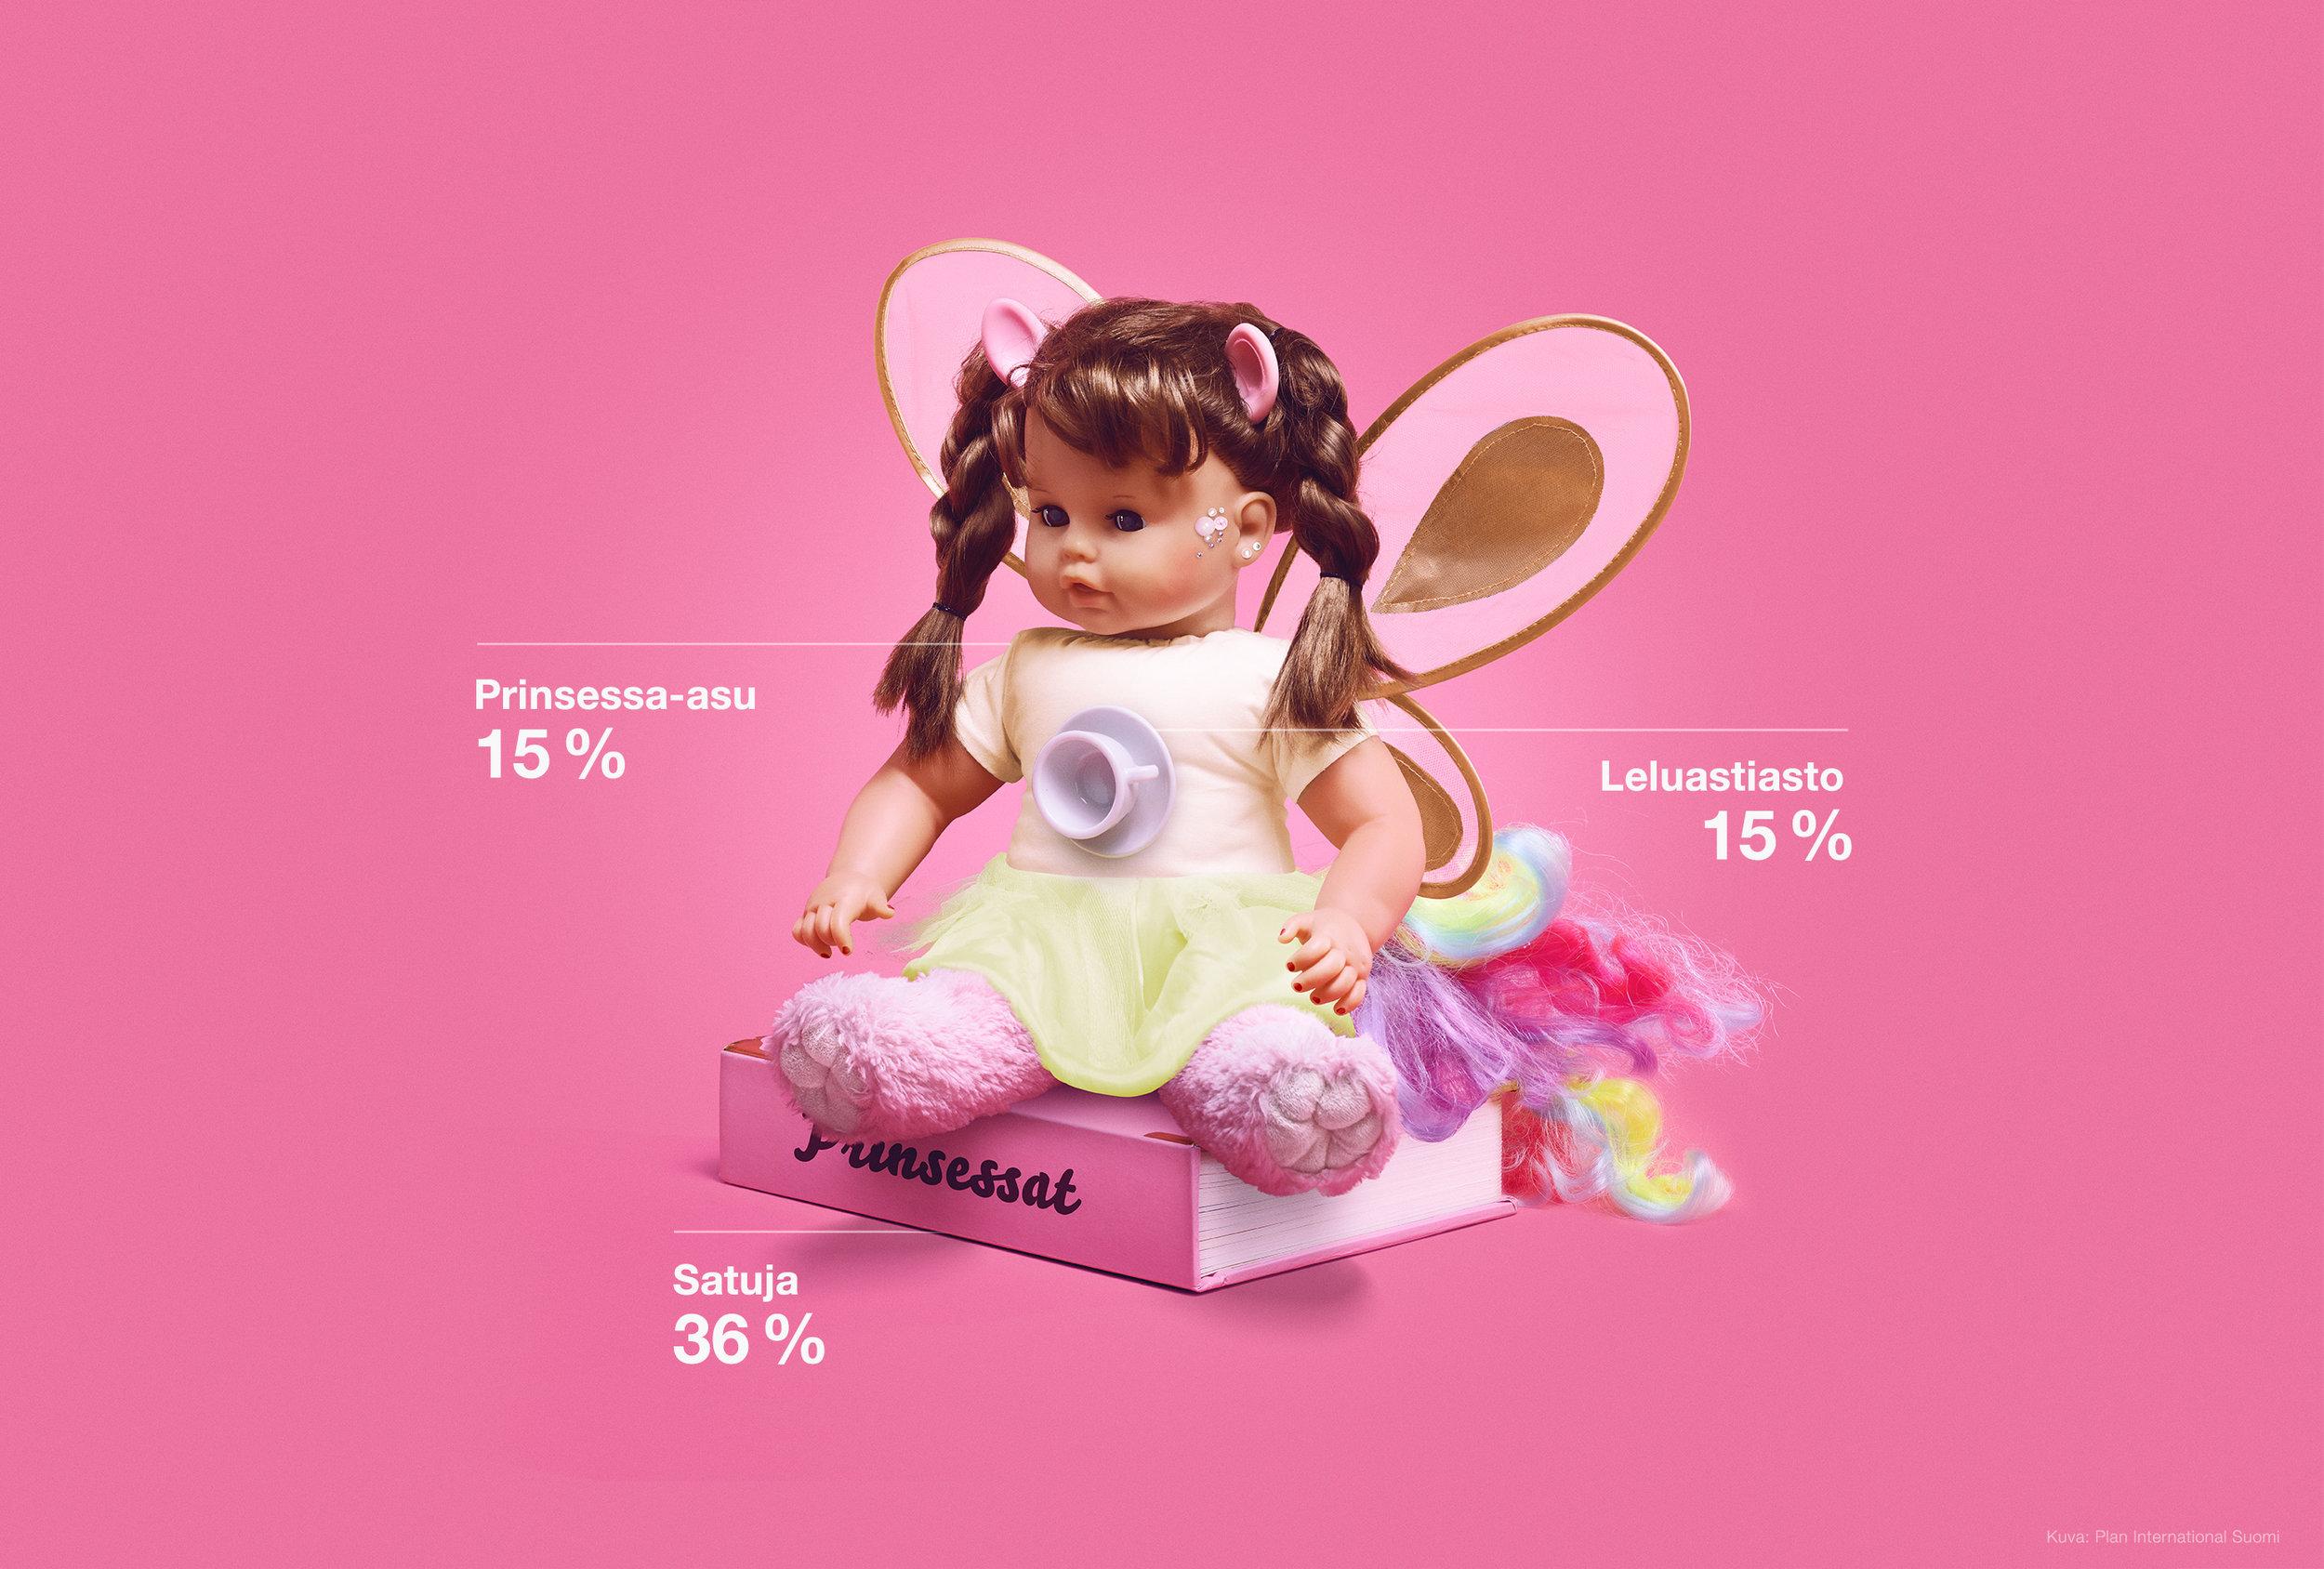 L&R---Hasan---PLAN---Tyttöjen-Lelu---FIN-Prosentit-pinkie-stats.jpg